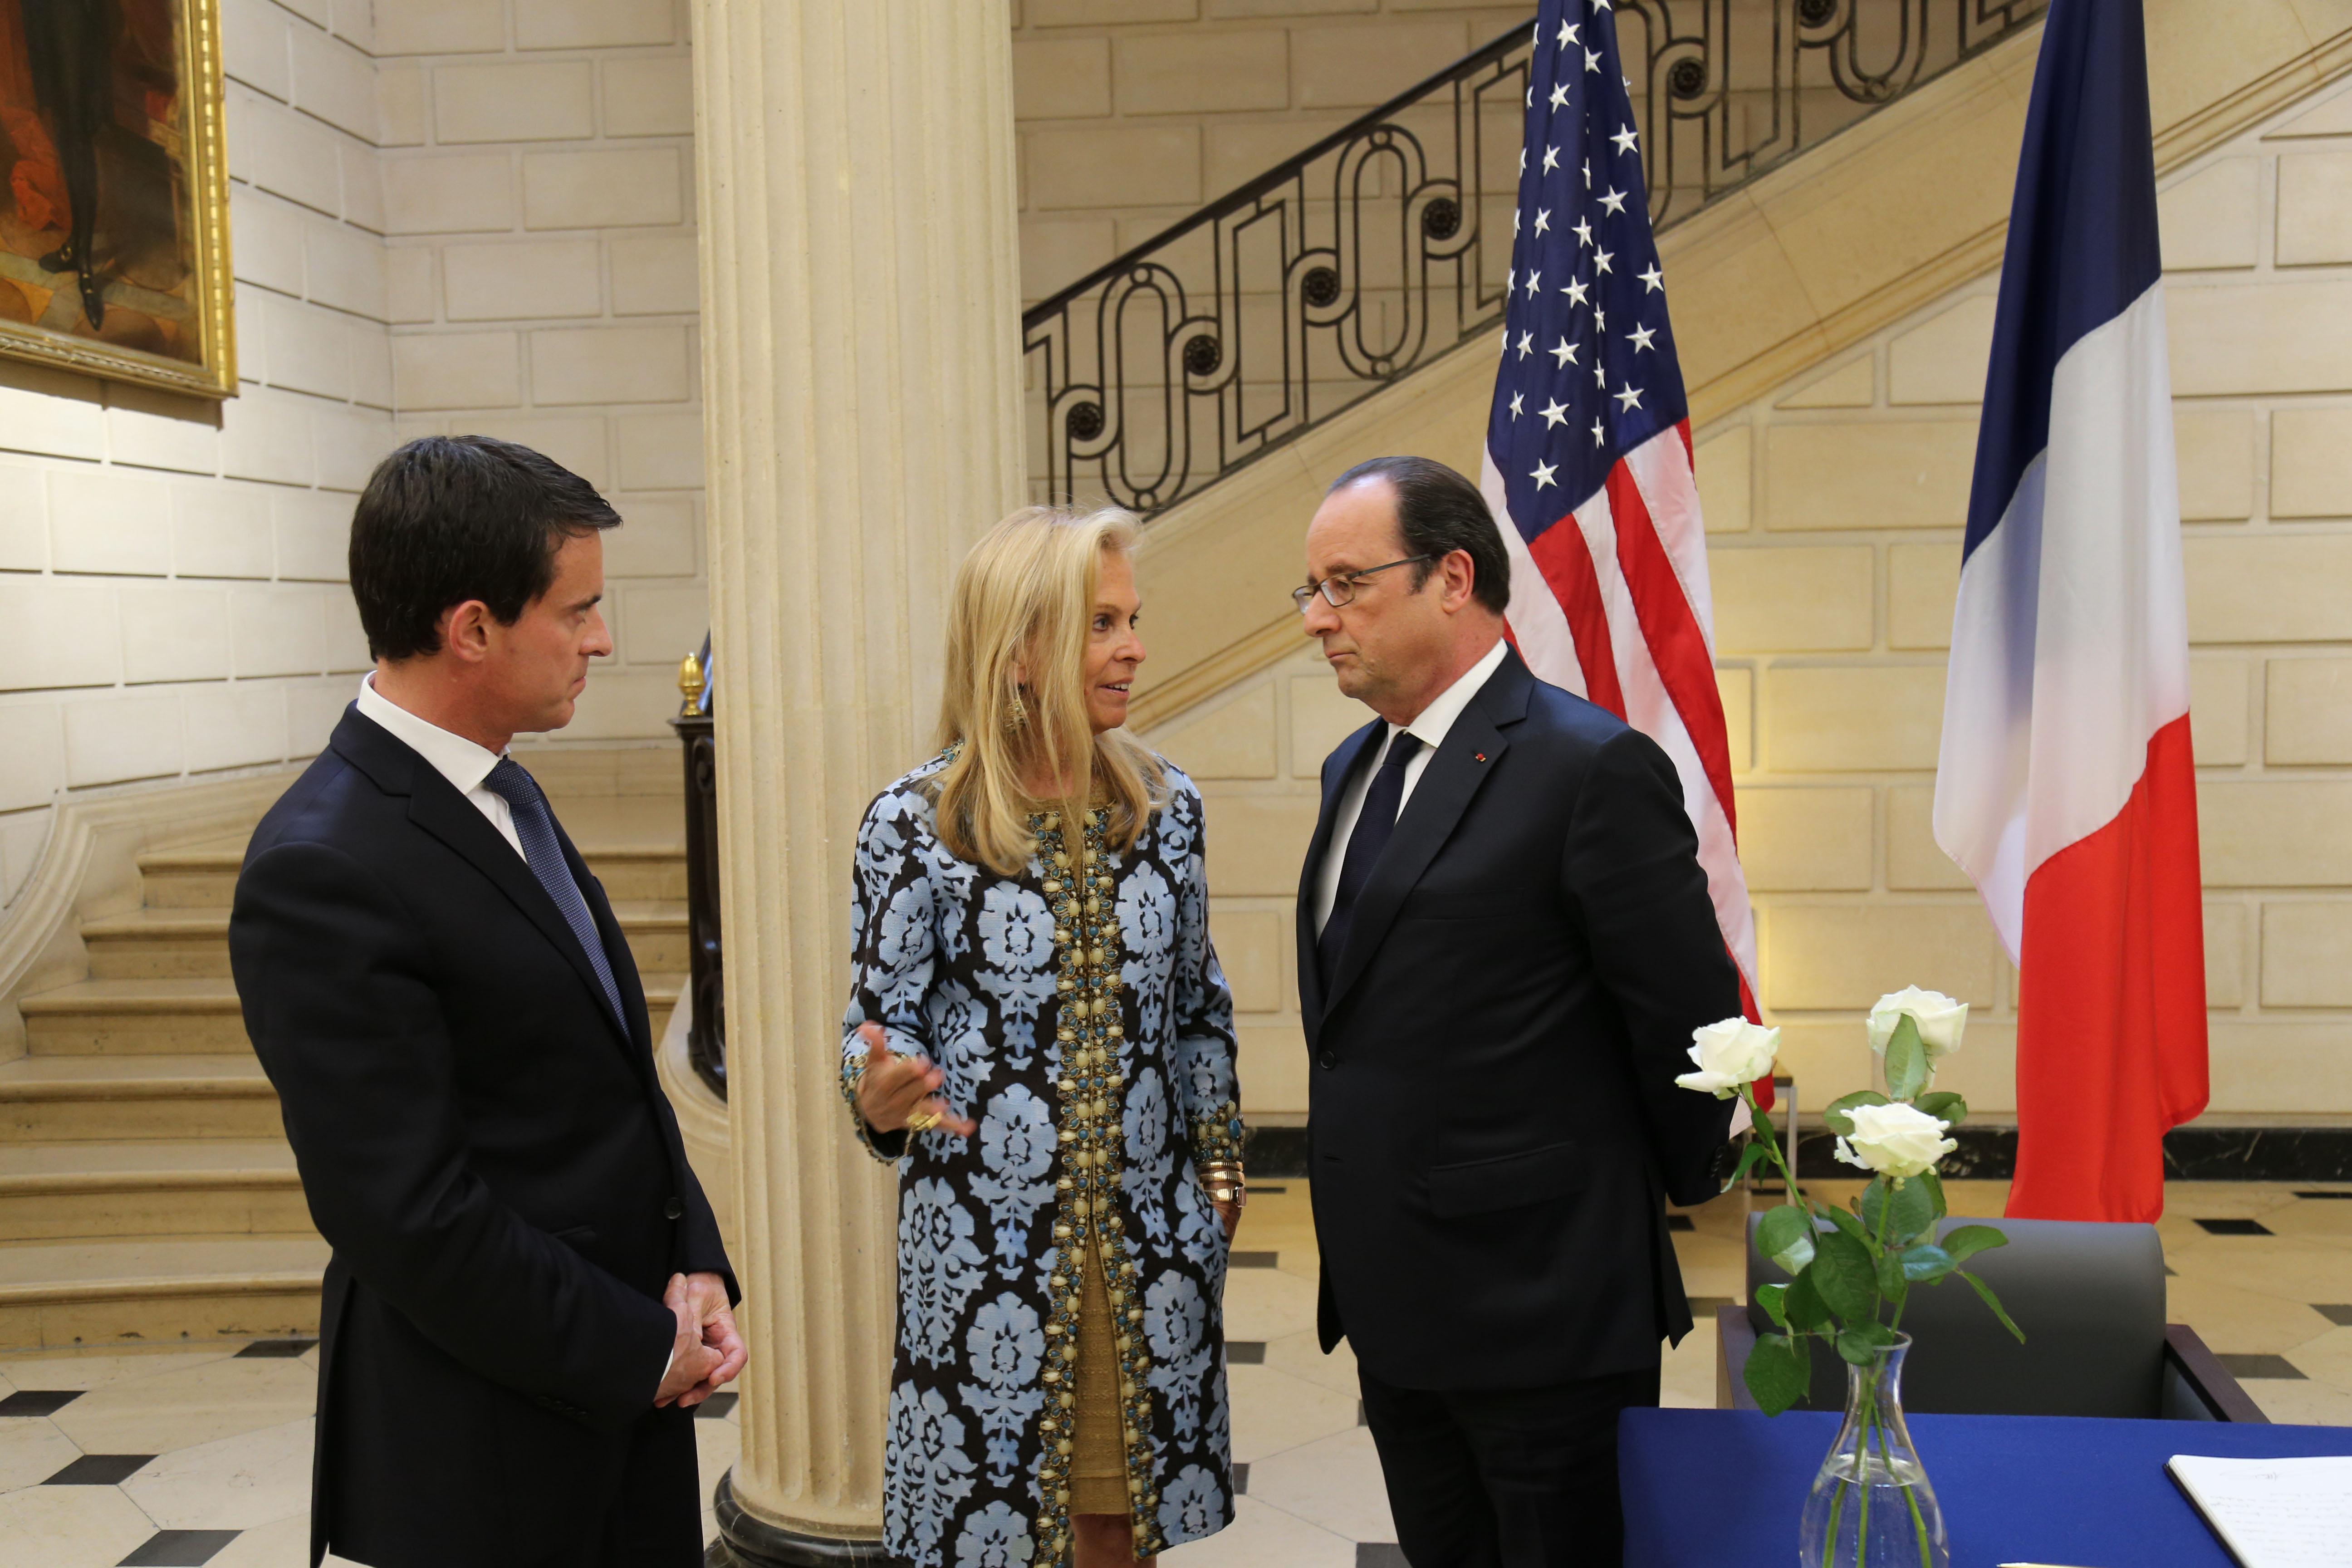 Le Premier Ministre Valls, l' Ambassadeur Jane D. Hartley et le Président de la France, François Hollande (Photo U.S. Embassy)